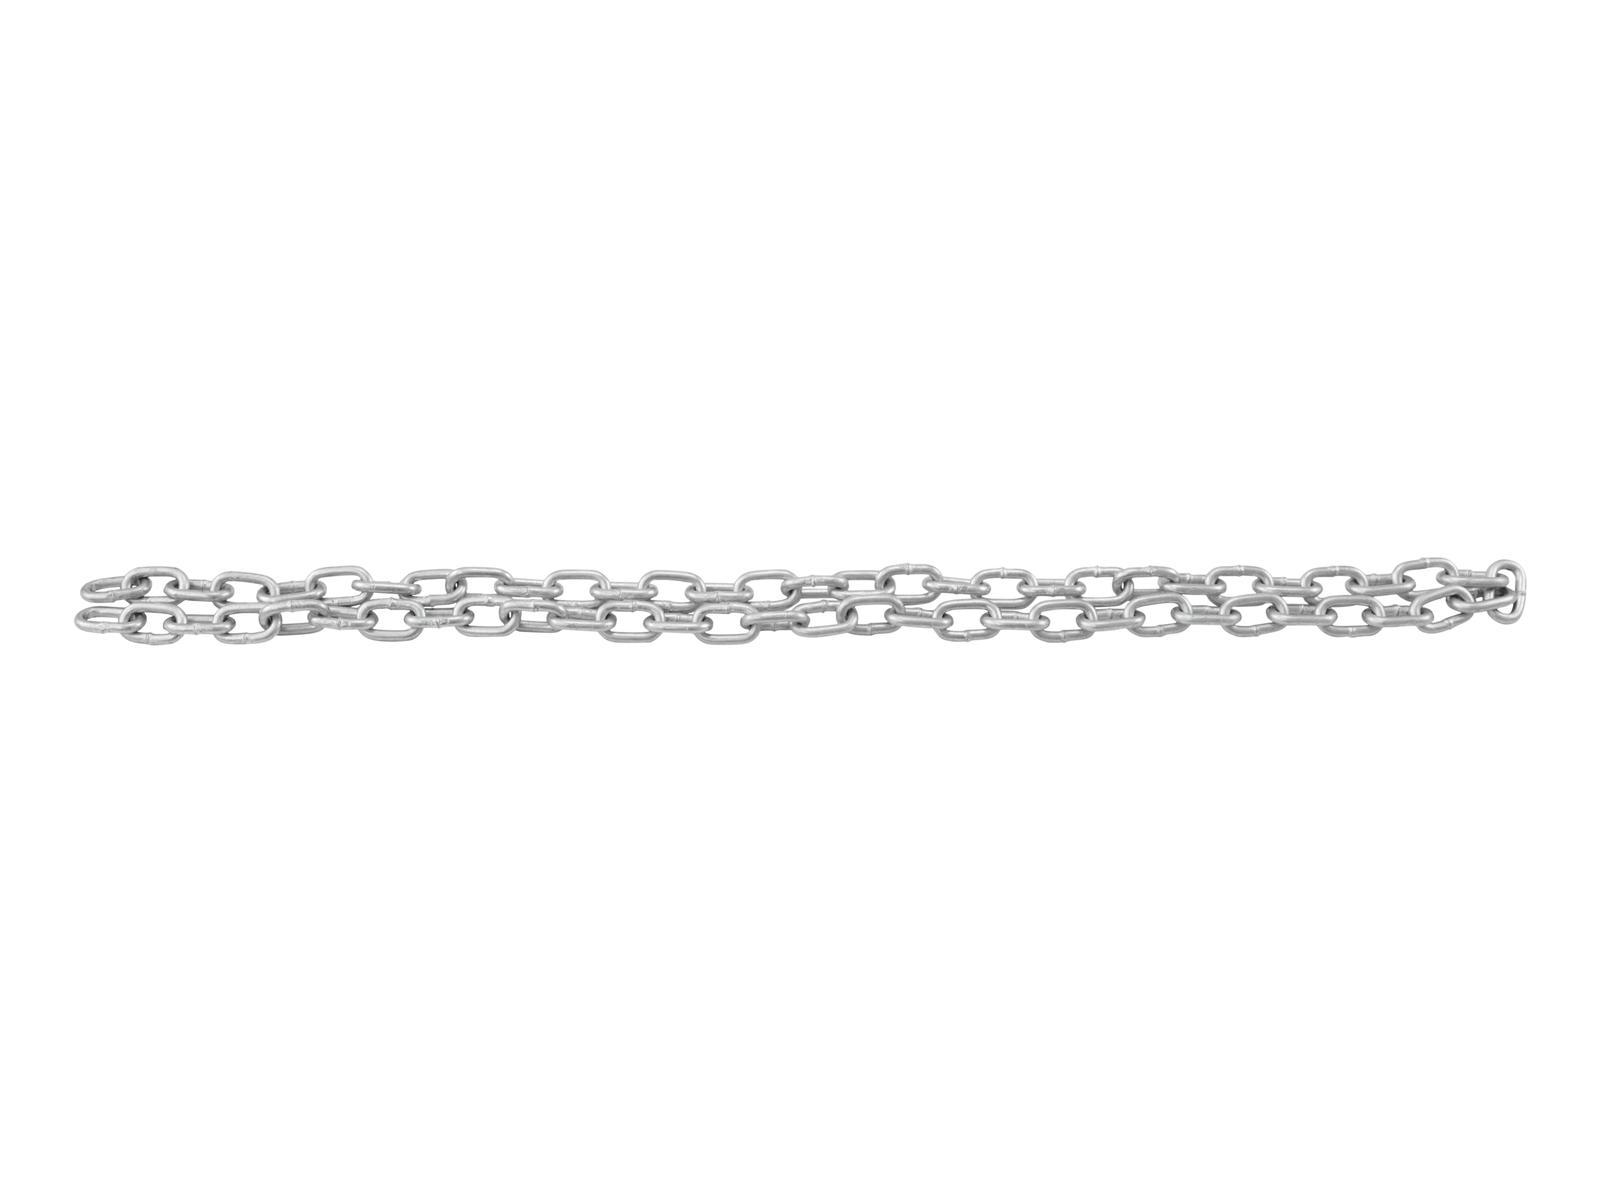 EUROLITE catena di Collegamento 4mm, PORTATA 80kg, 33cm